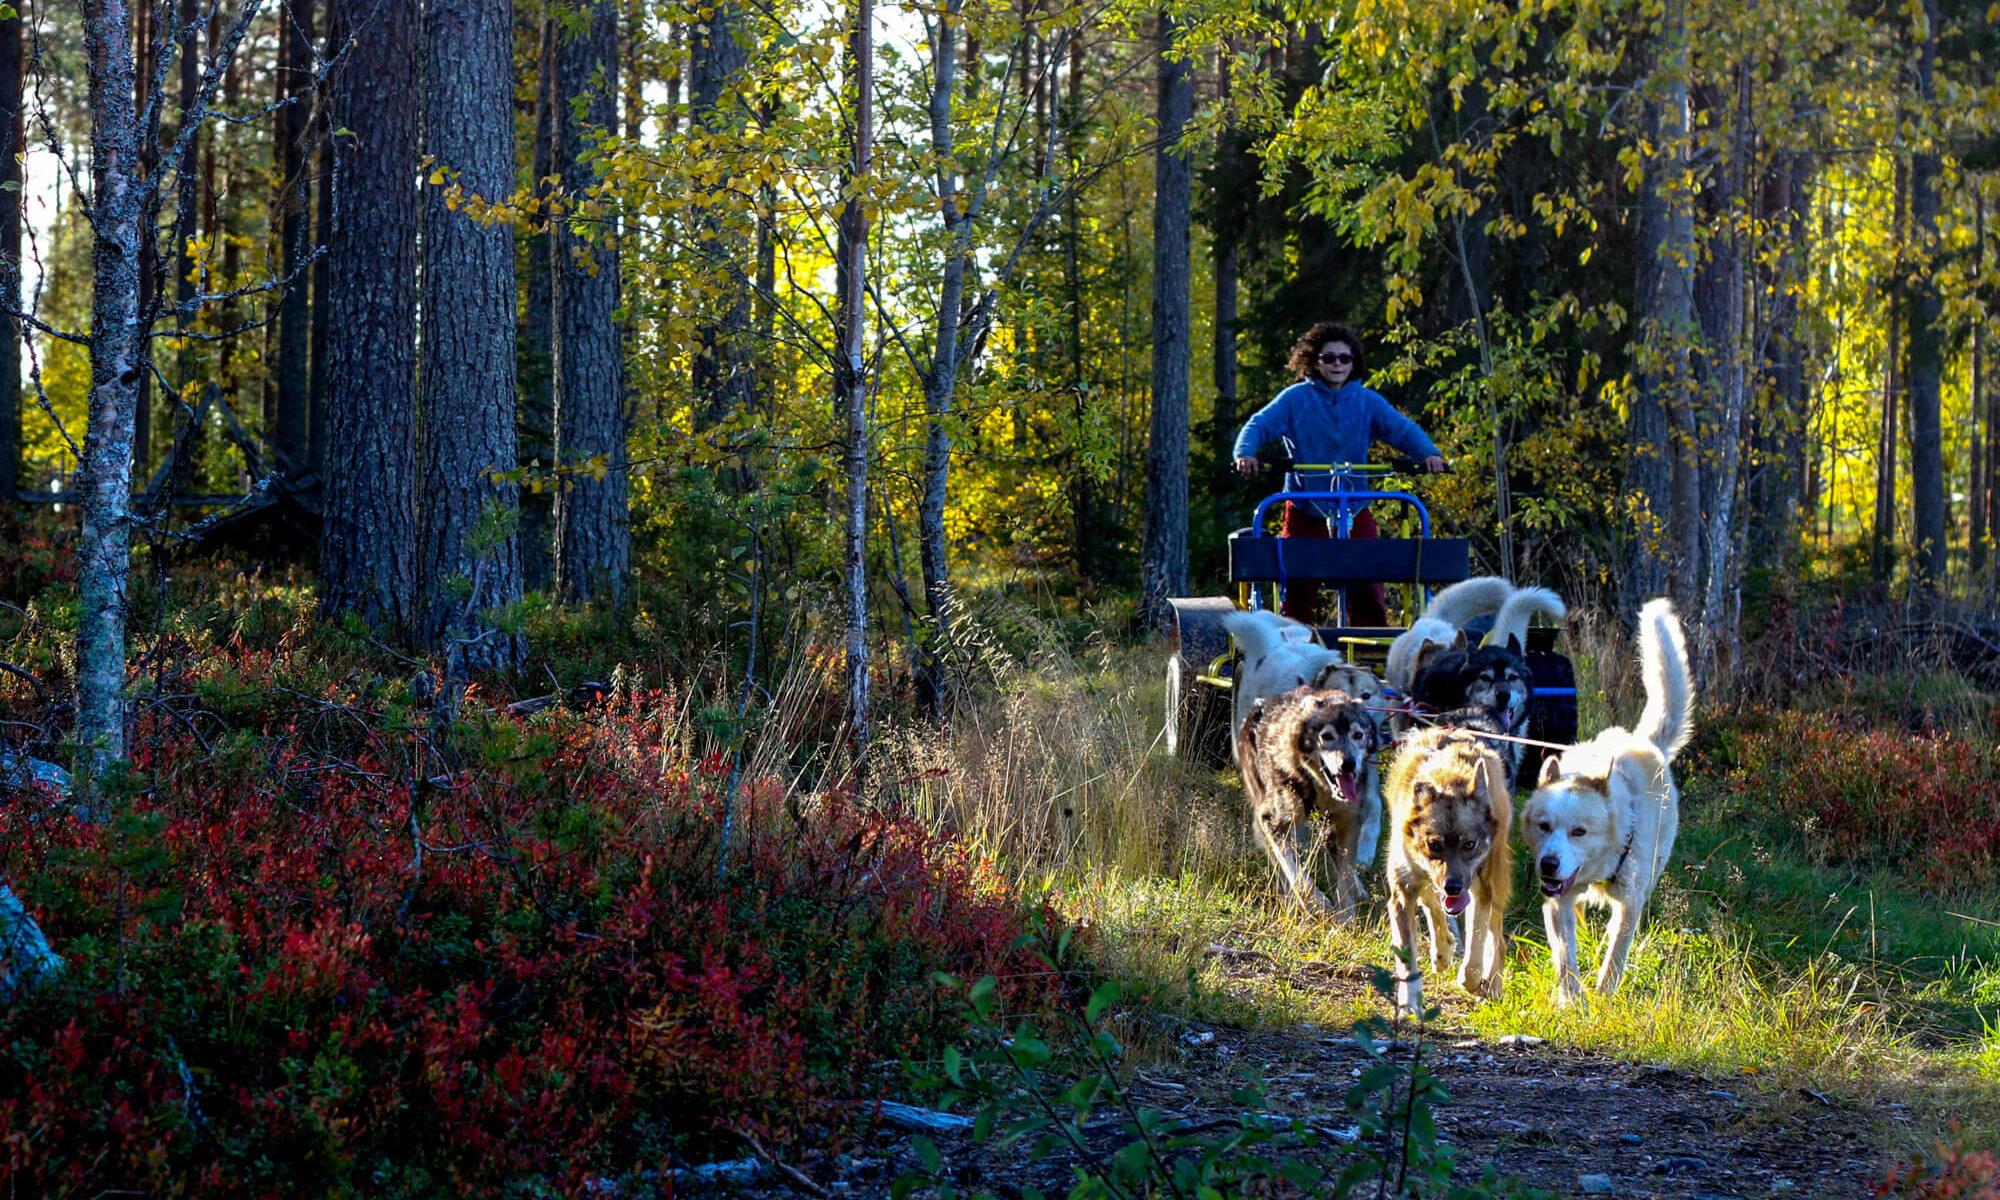 Entrainement de chiens de traineau à l'automne en Laponie suédoise